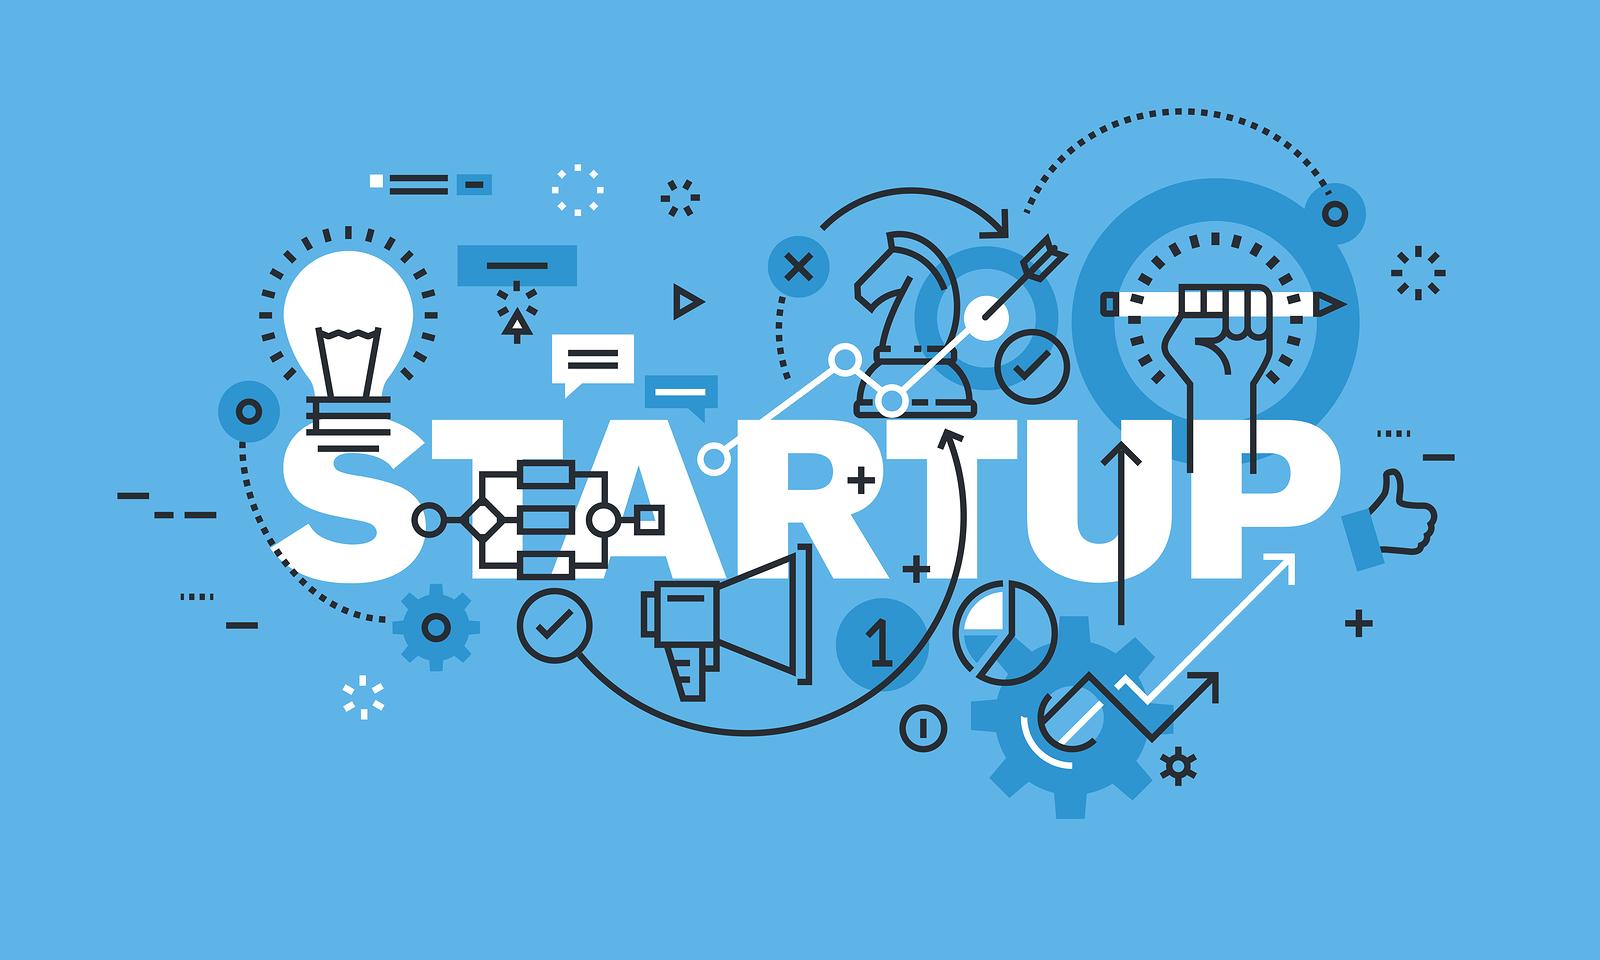 pakistani international startups